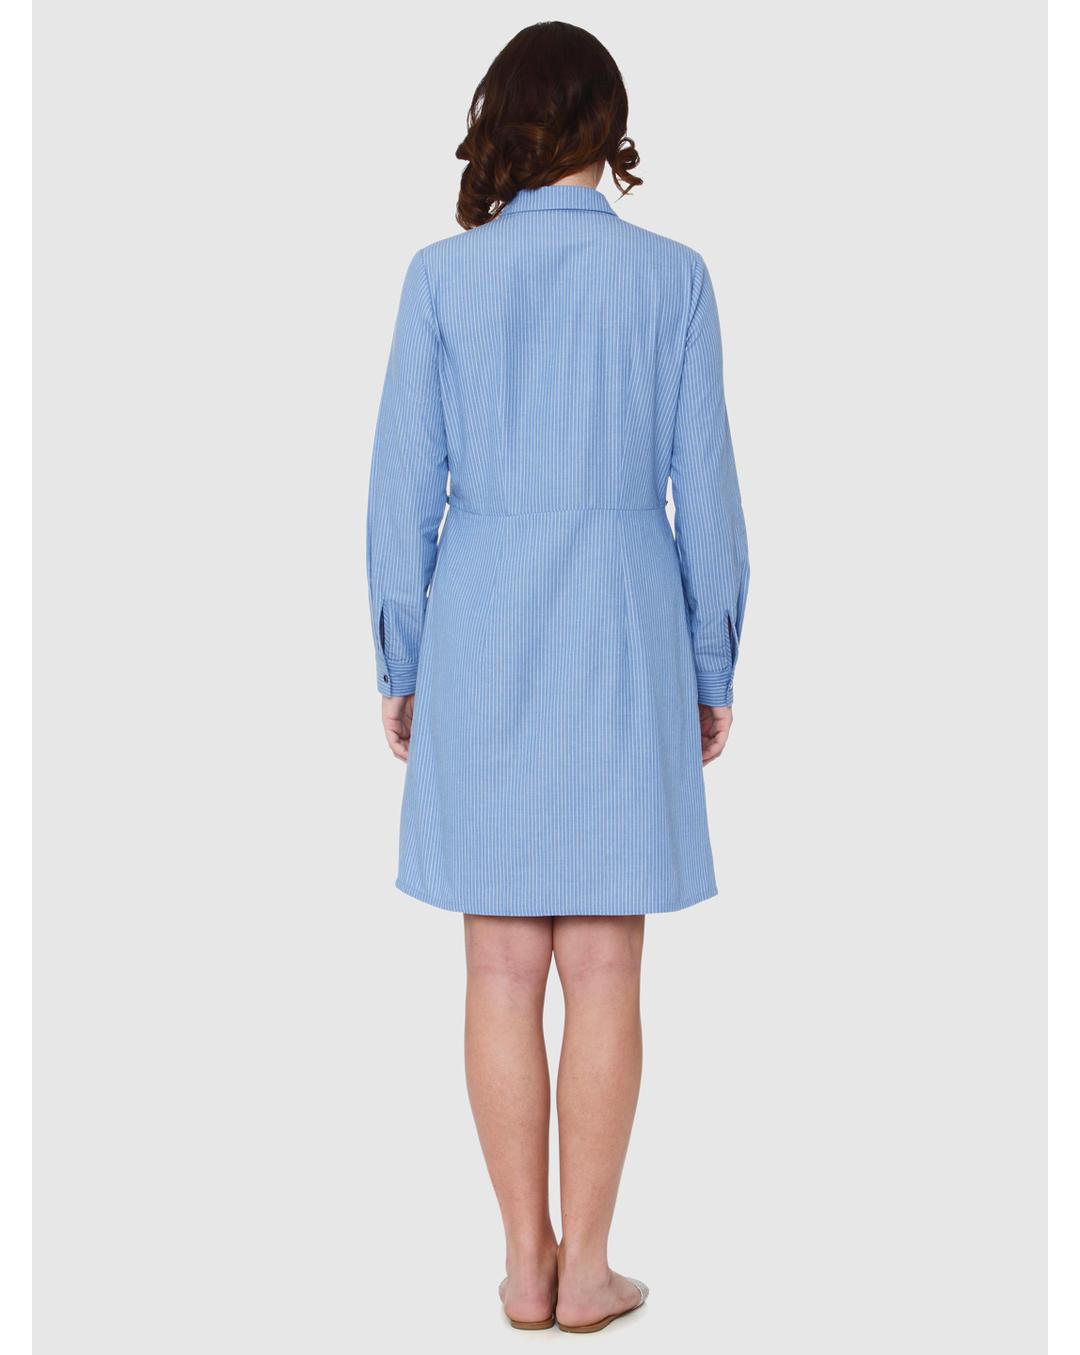 e814247ab Buy Vero Moda Blue Striped Frill Detail Shirt Dress Online | Vero Moda